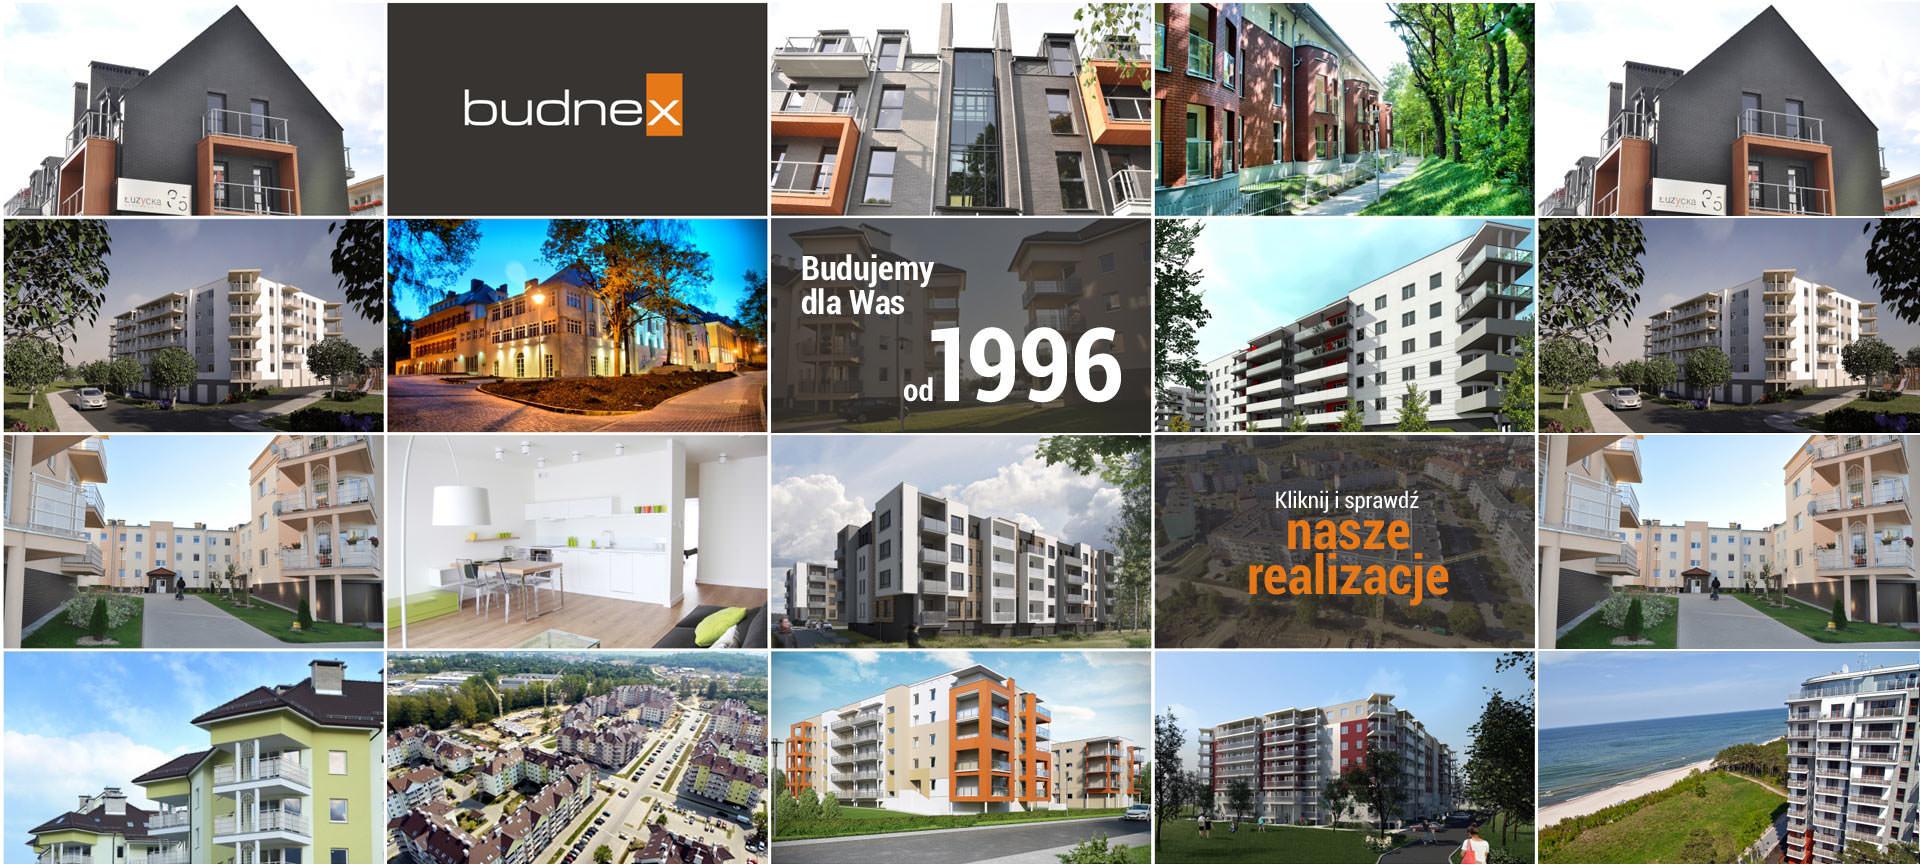 Budujemy mieszkania na sprzedaż od 1996 roku